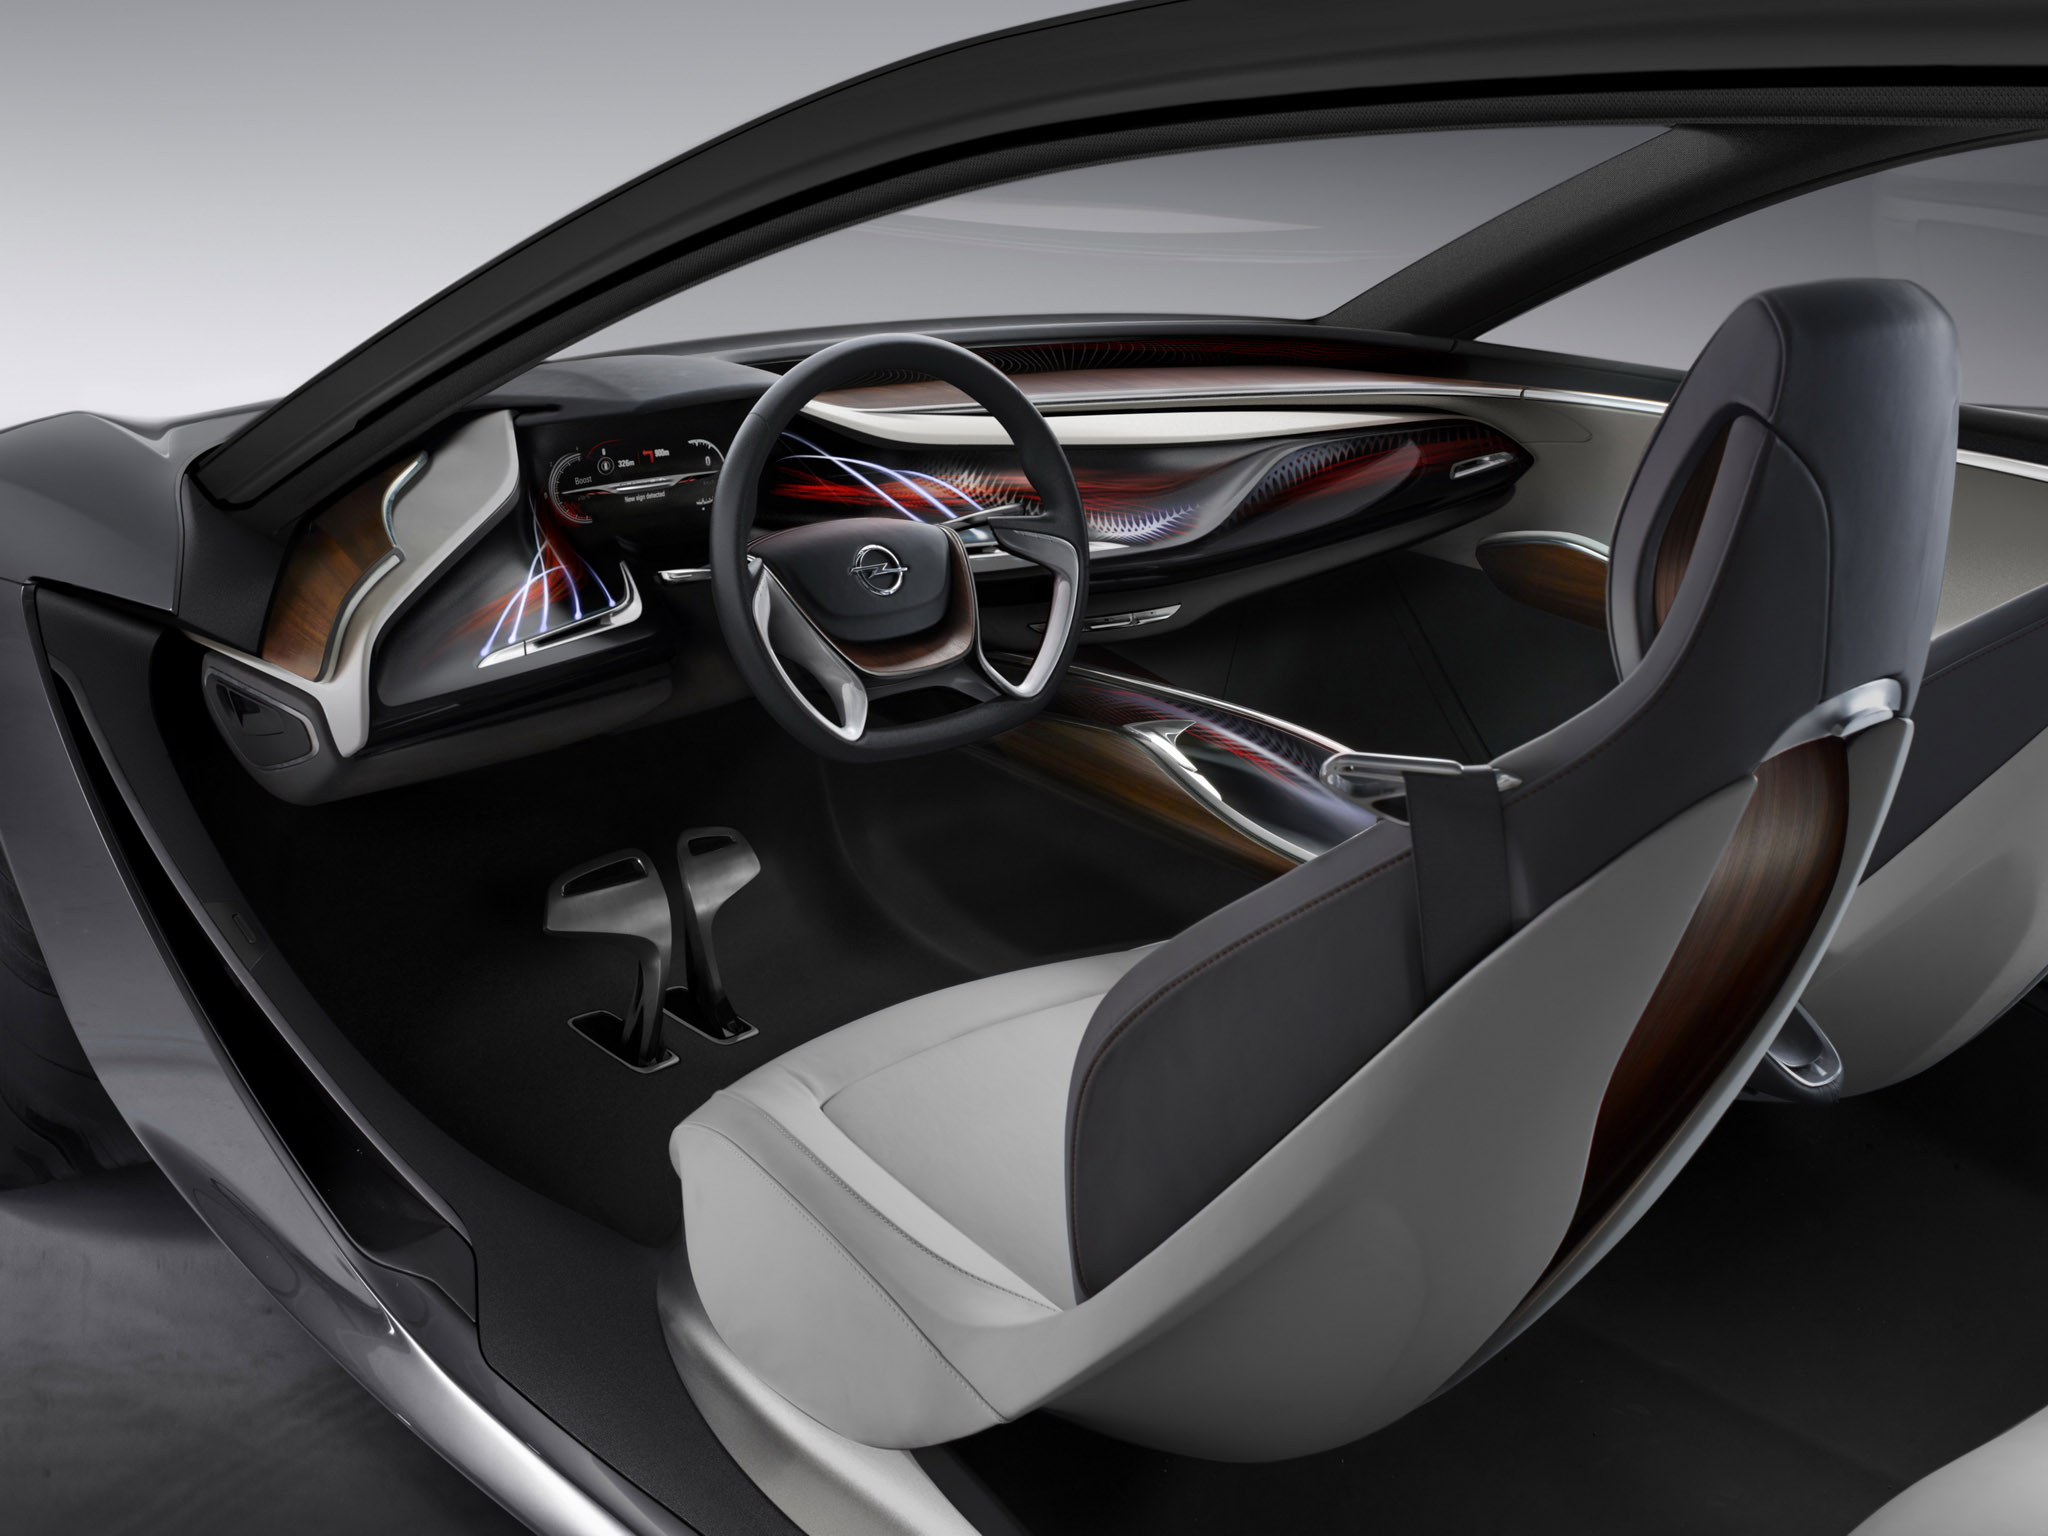 Opel Monza Concept Supercar Interior G Wallpaper